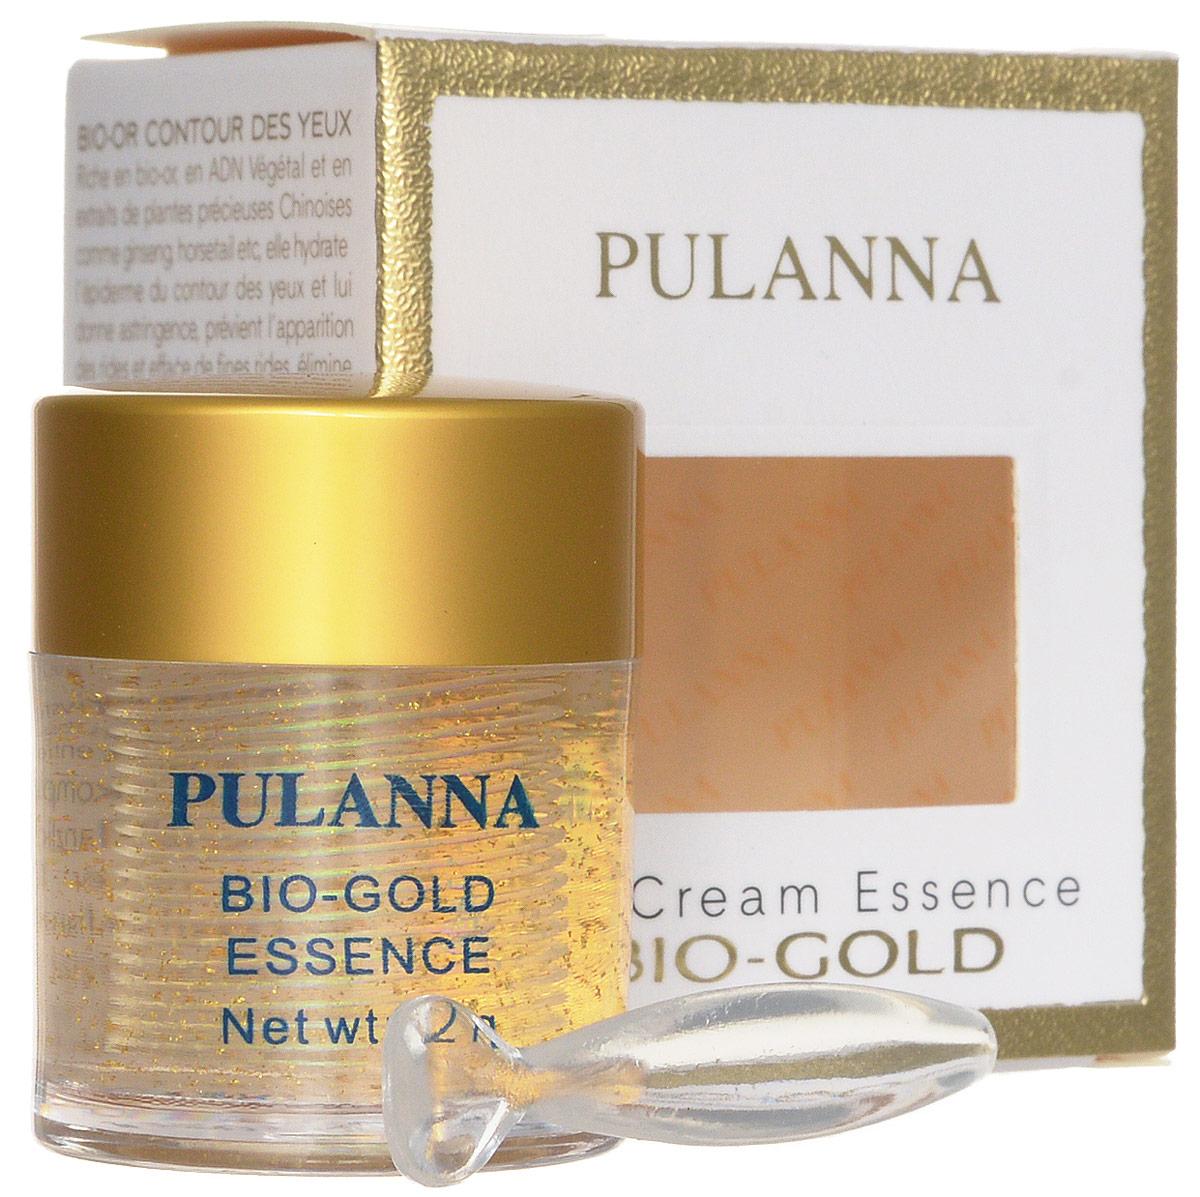 Pulanna Био-золотой гель для век на основе био-золота - Bio-gold Essence 21 гFS-00897Обогащенный гель с эффектом лифтинга. Осуществляет глубокое питание, регулирует обменные процессы, ускоряет регенерацию клеток, восполняет дефицит липидов в коже, увлажняет, нормализует кровоснабжение. Возвращает нежной коже век упругость и свежесть, активно борется с морщинами и предотвращает их появление. Снимает отечность, уменьшает темные круги под глазами. Обеспечивает коже длительное, глубокое увлажнение и питание.Био-золото, экстракт хвоща и экстракт женьшеня способствуют обновлению клеток, нормализации водно-жирового и кислородного обмена. Растительные ДНК участвуют в синтезе белков, регенерации клеток кожи. Является базой под макияж. Рекомендован с 40 лет в качестве основного ухода, с 35 лет курсами (28-30 дней).